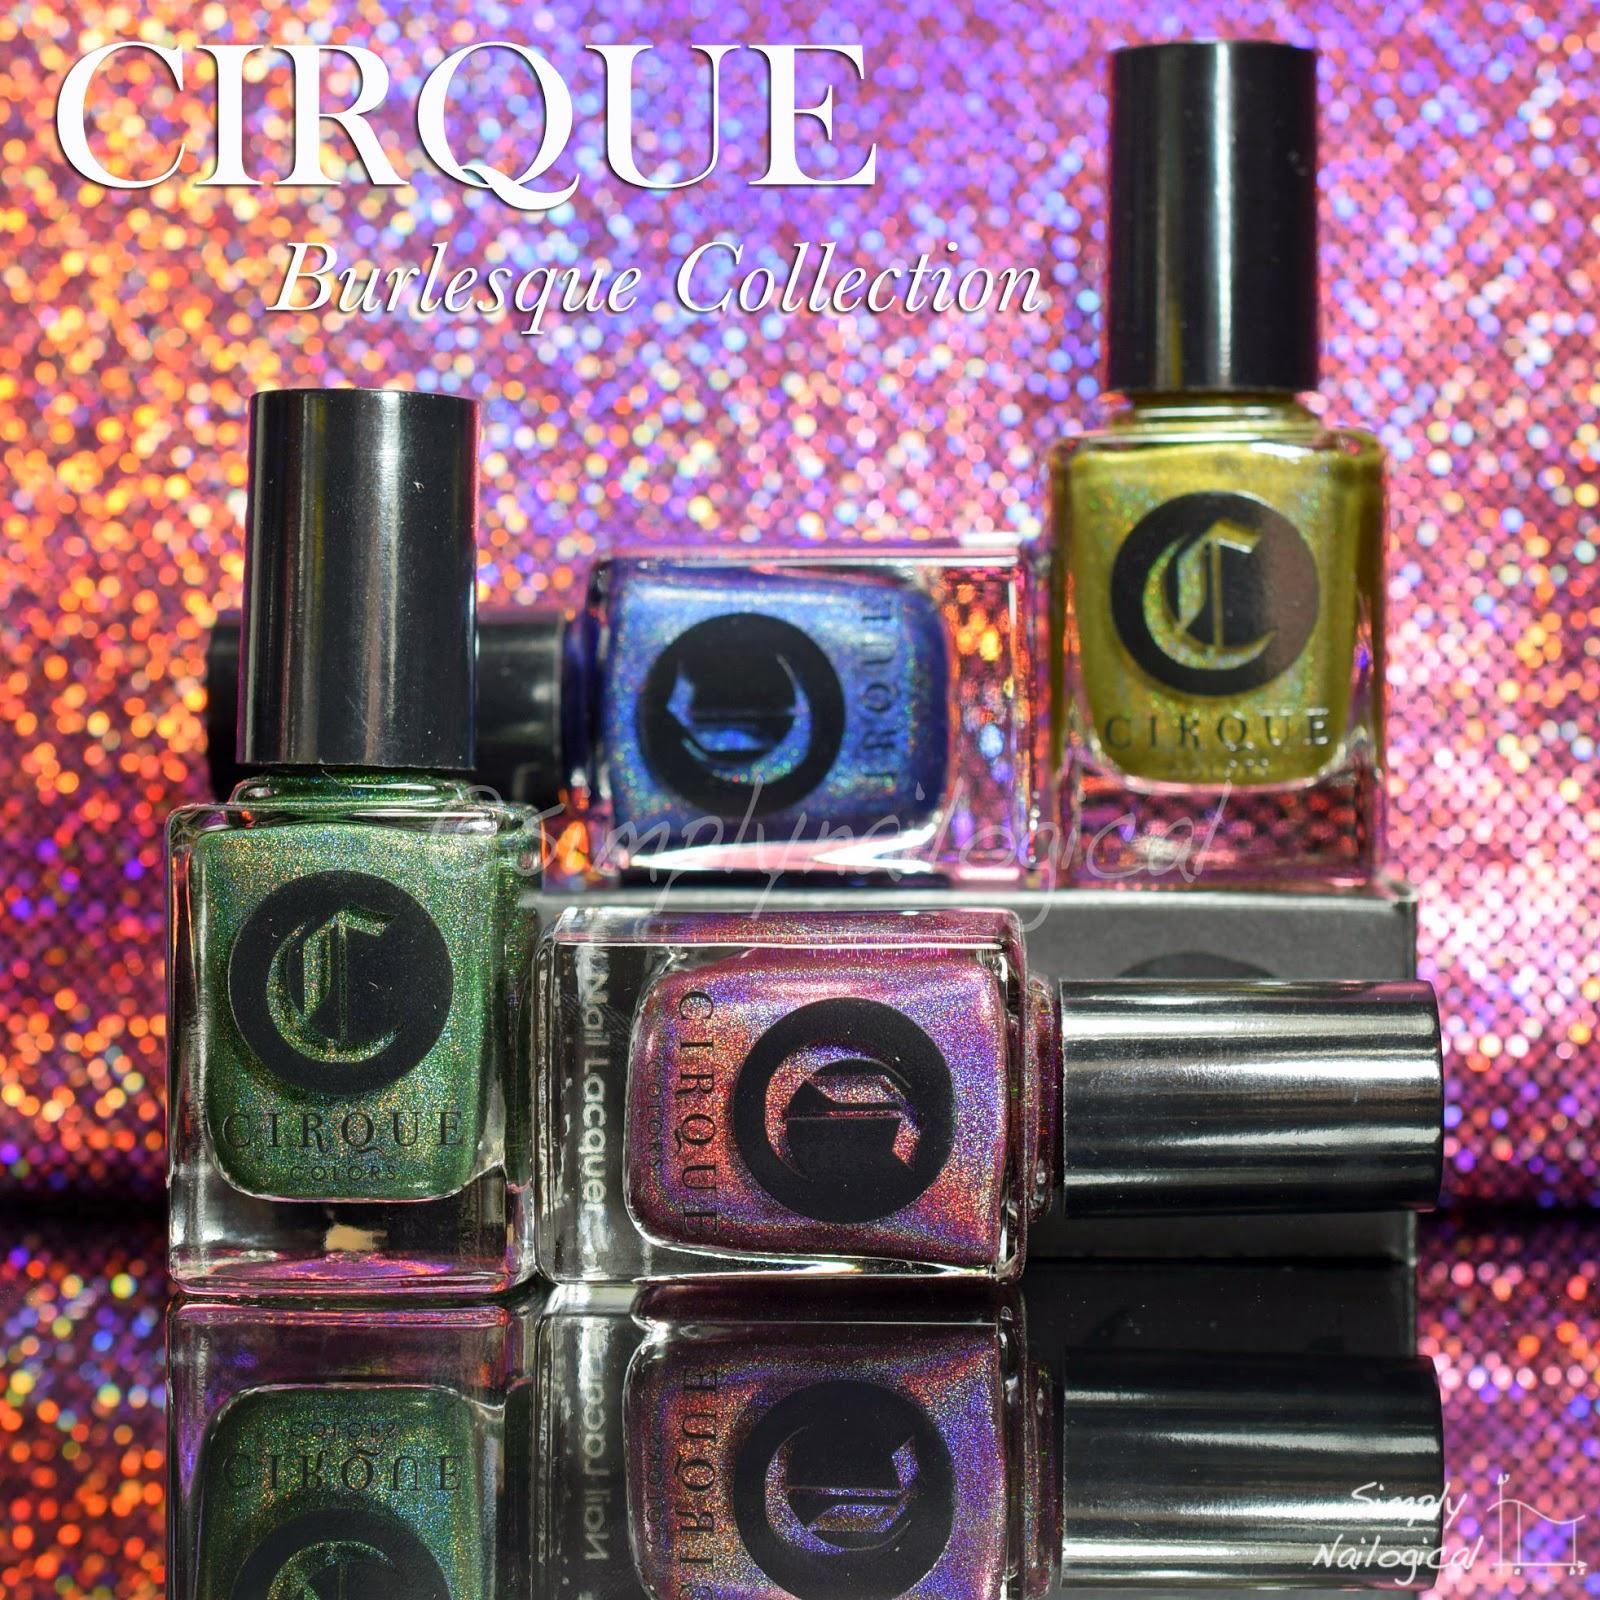 Cirque Burlesque collection